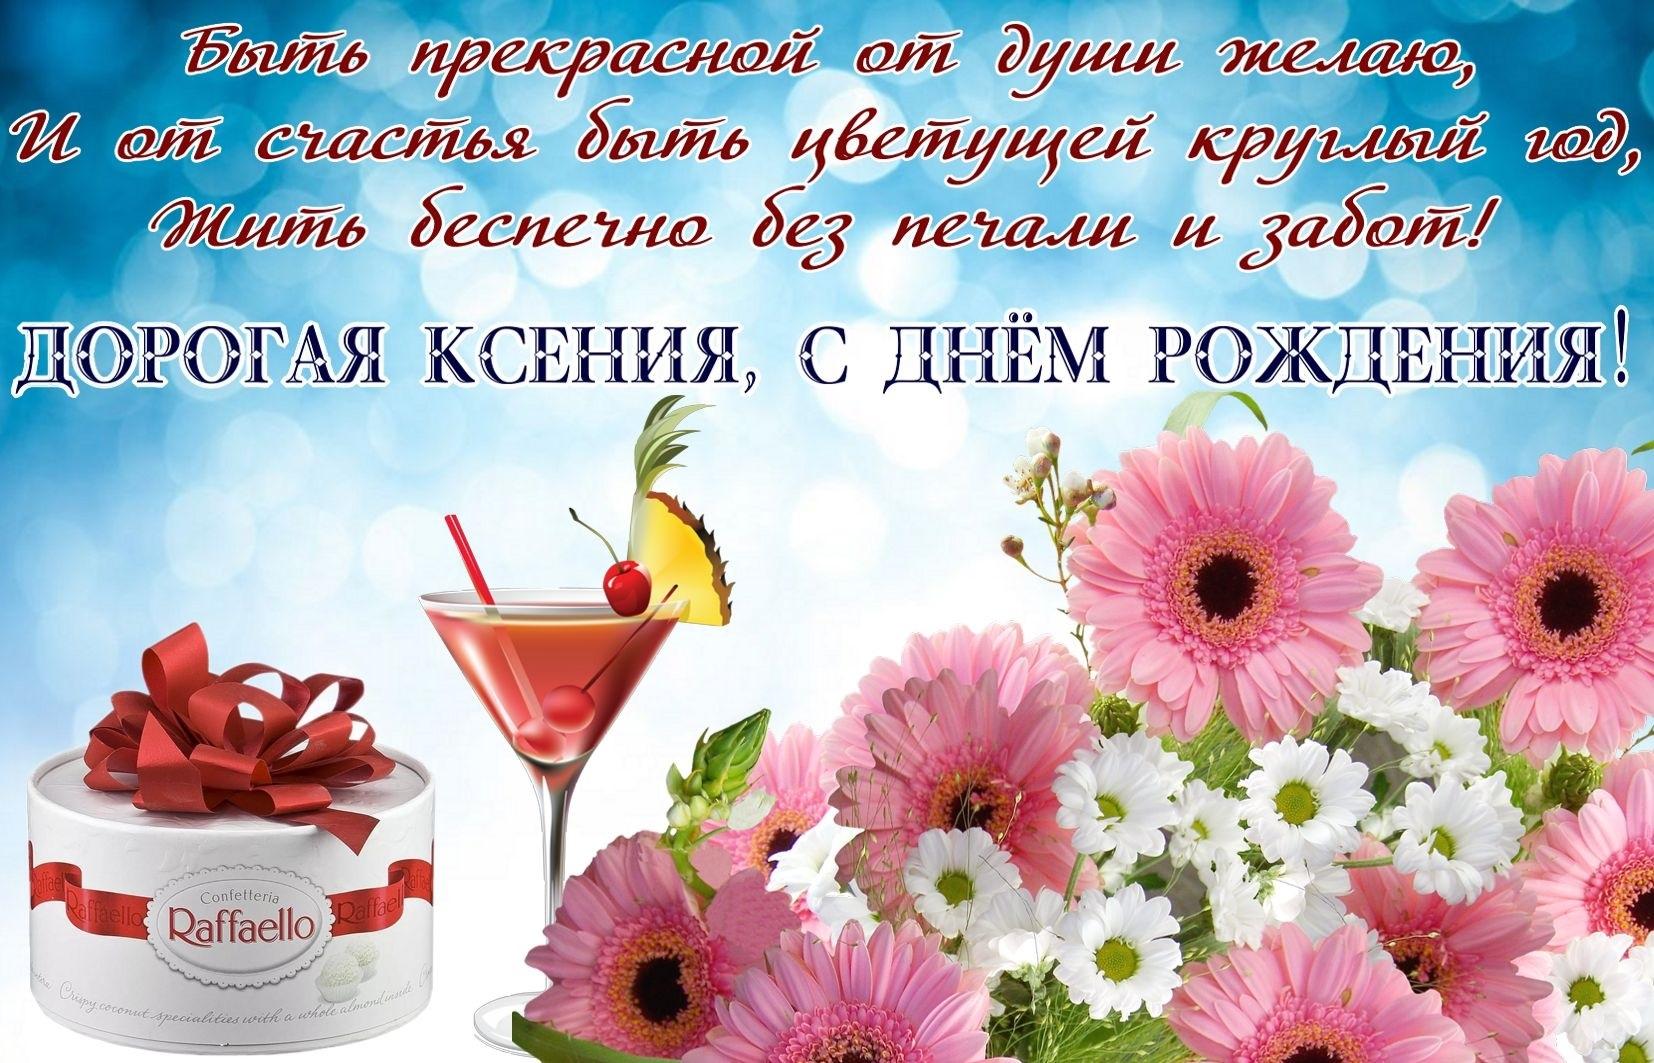 Поздравления с днем рождения ксеня